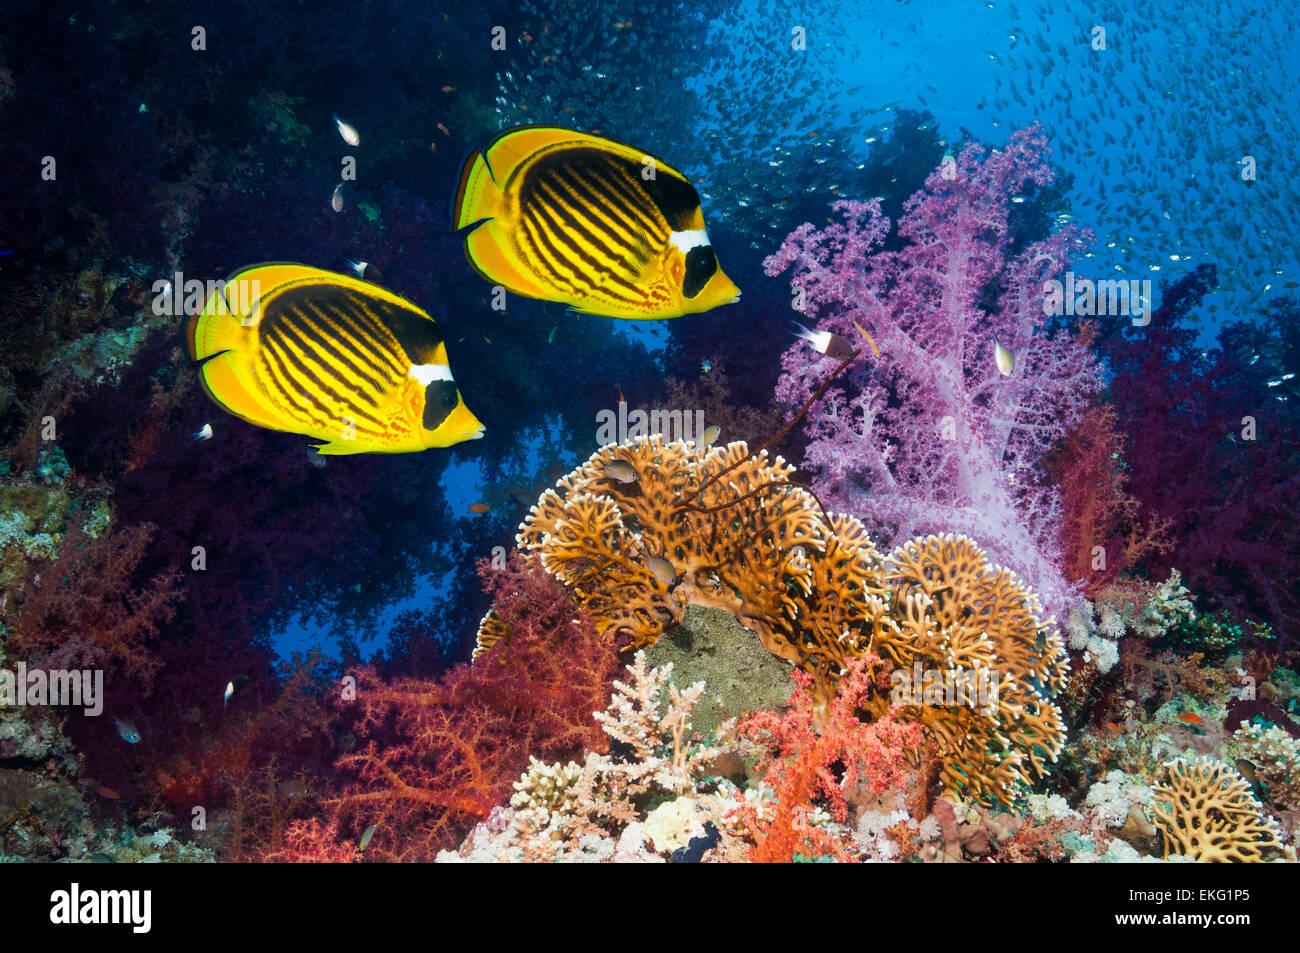 Les récifs coralliens de la Mer Rouge avec décor papillons Chaetodon fasciatus raton laveur [et] les coraux Photo Stock